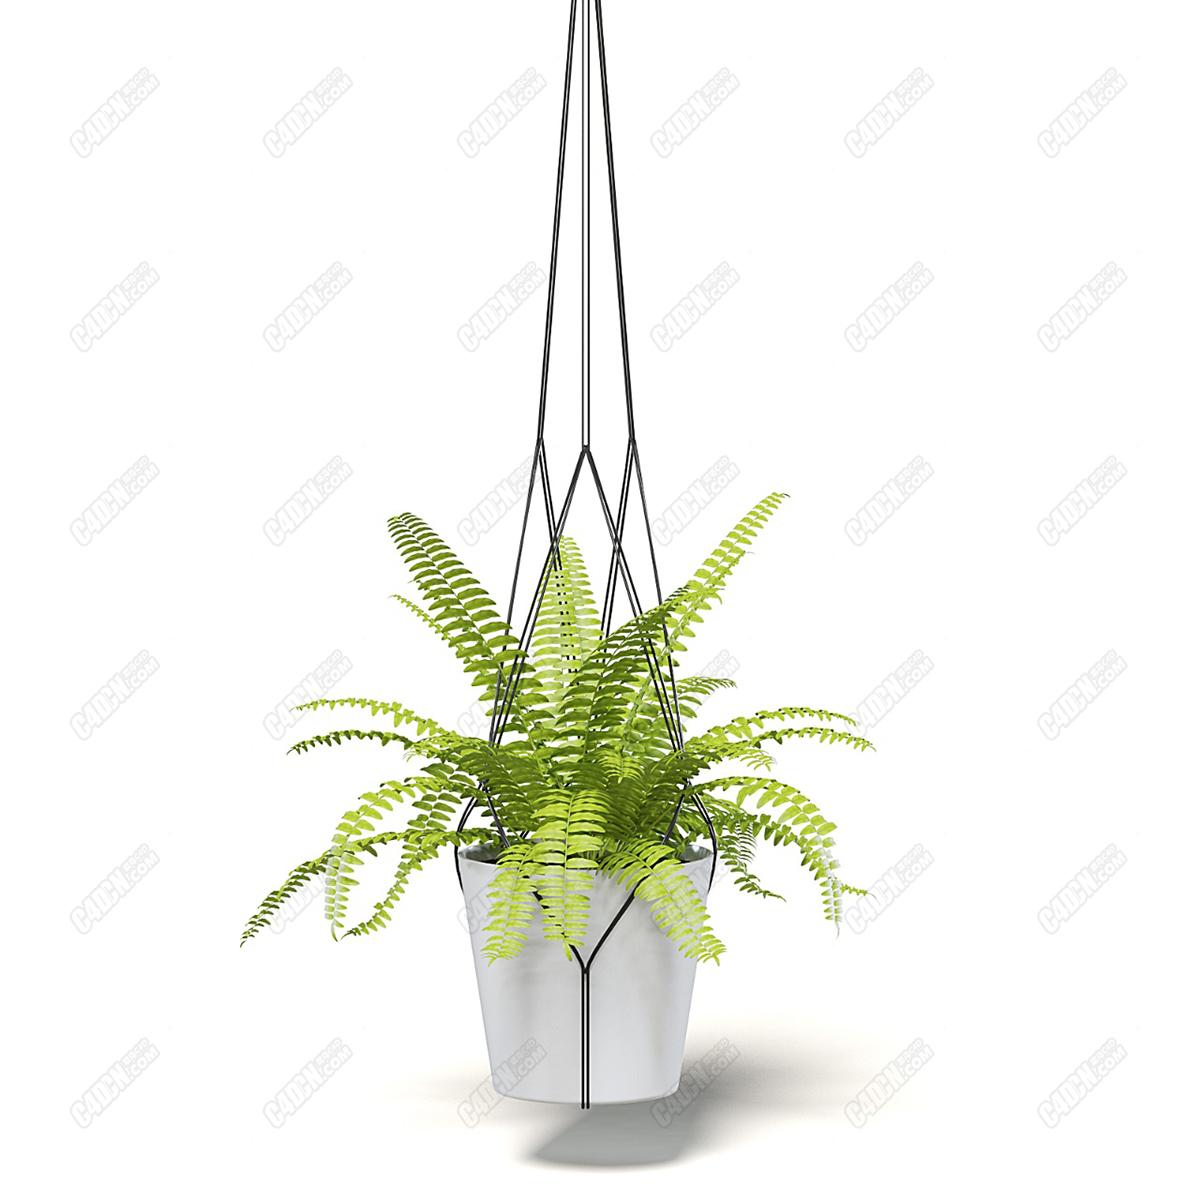 C4D吊挂含羞草绿叶植物盆栽模型